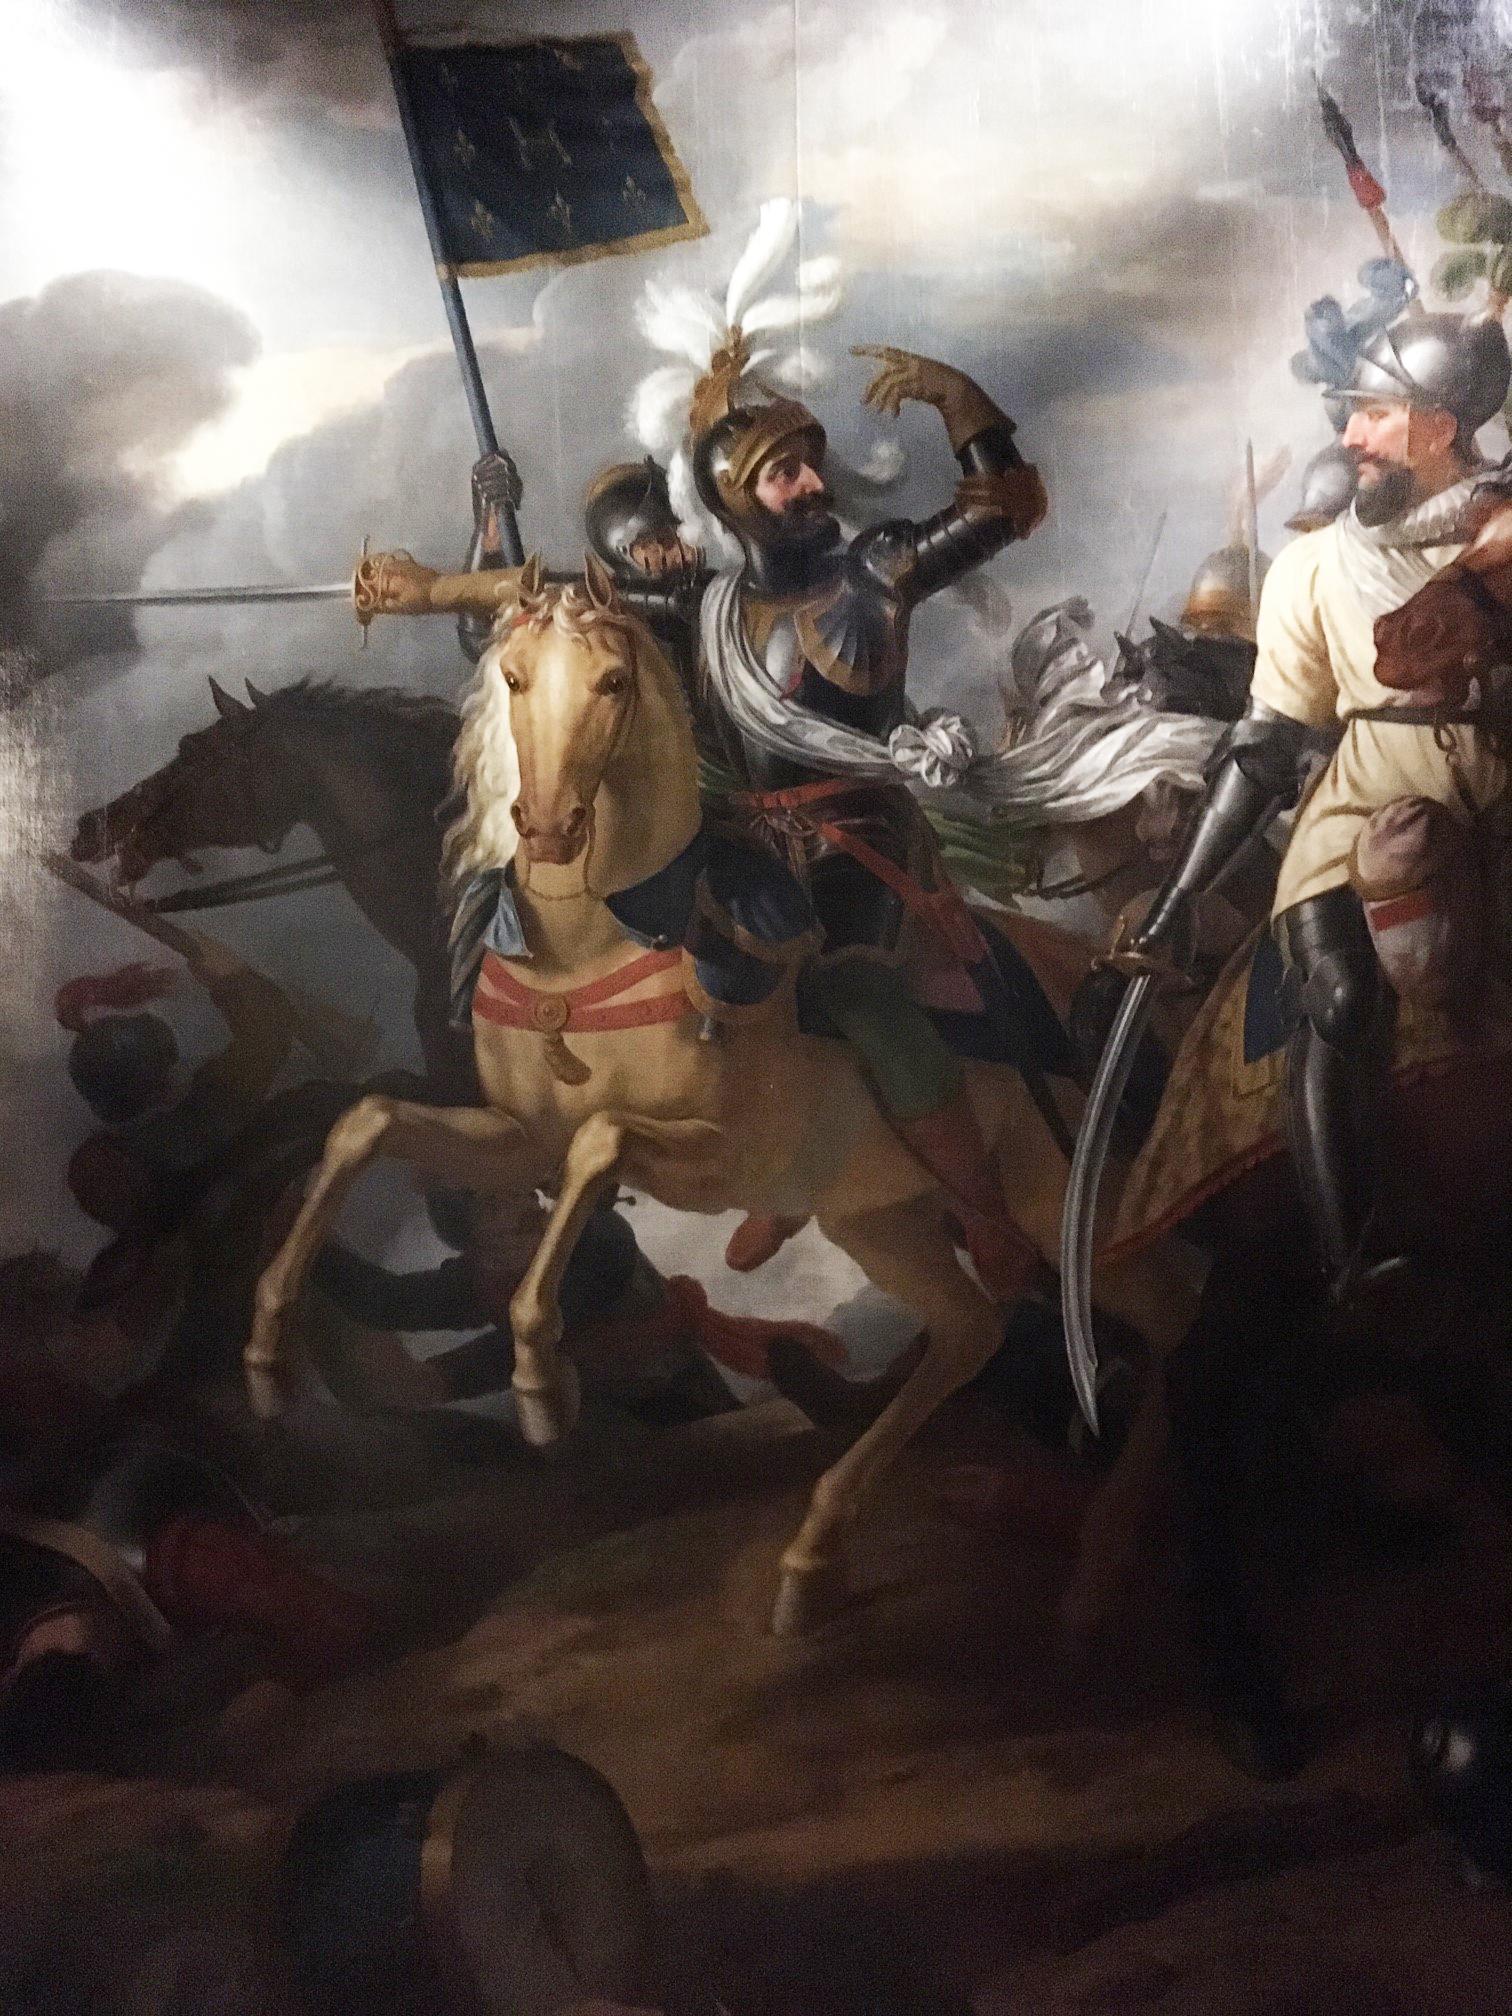 """""""Henri IV le matin de la bataille d'Ivry (14 mars 1590)"""" de Jean-Charles Tardieu dit Tardieu-Cochin (1765-1830)"""